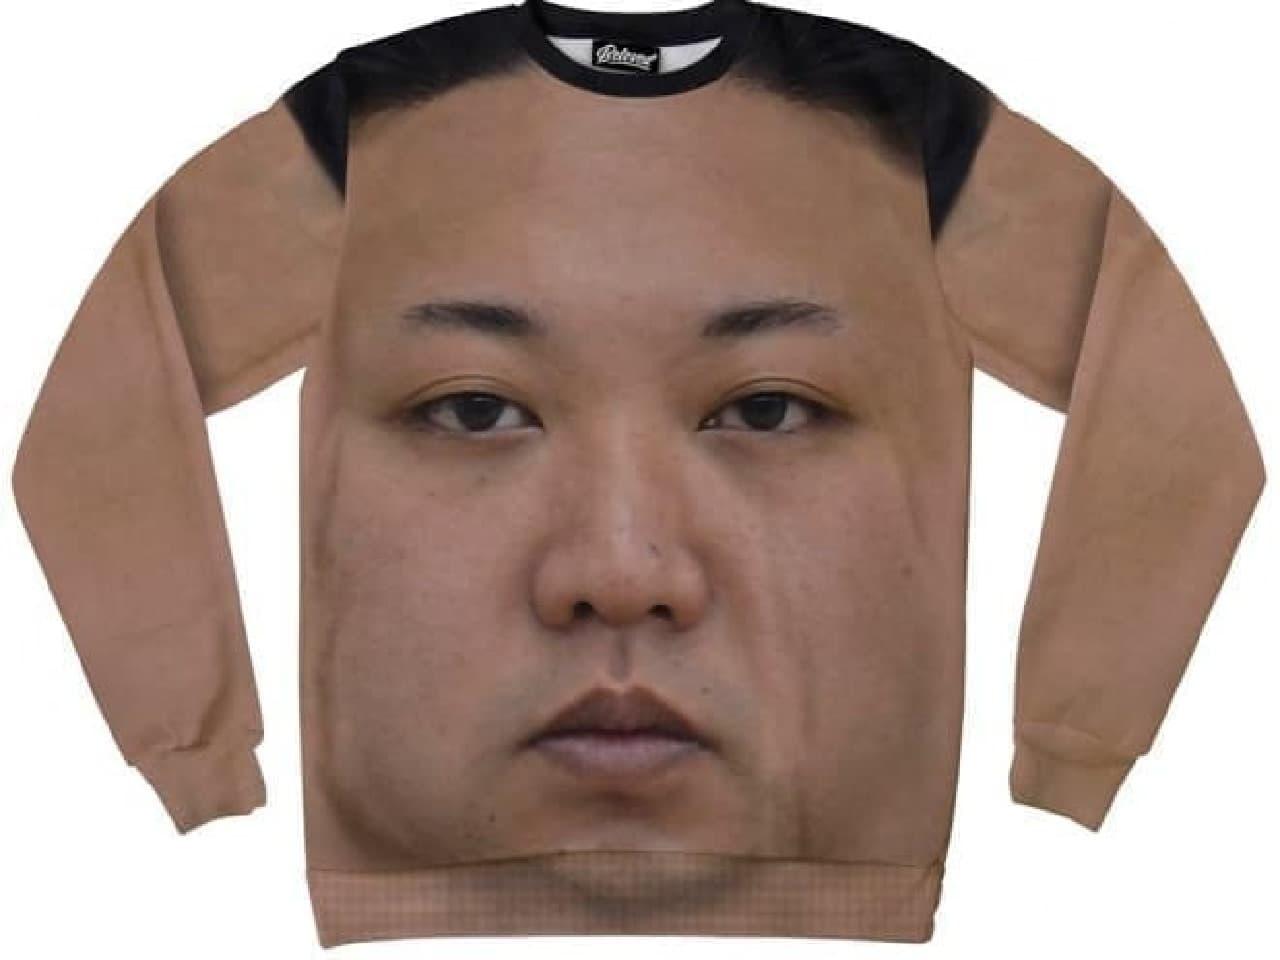 金正恩氏がデザインされたスウェット「KIM JONG UN SWEATSHIRT」